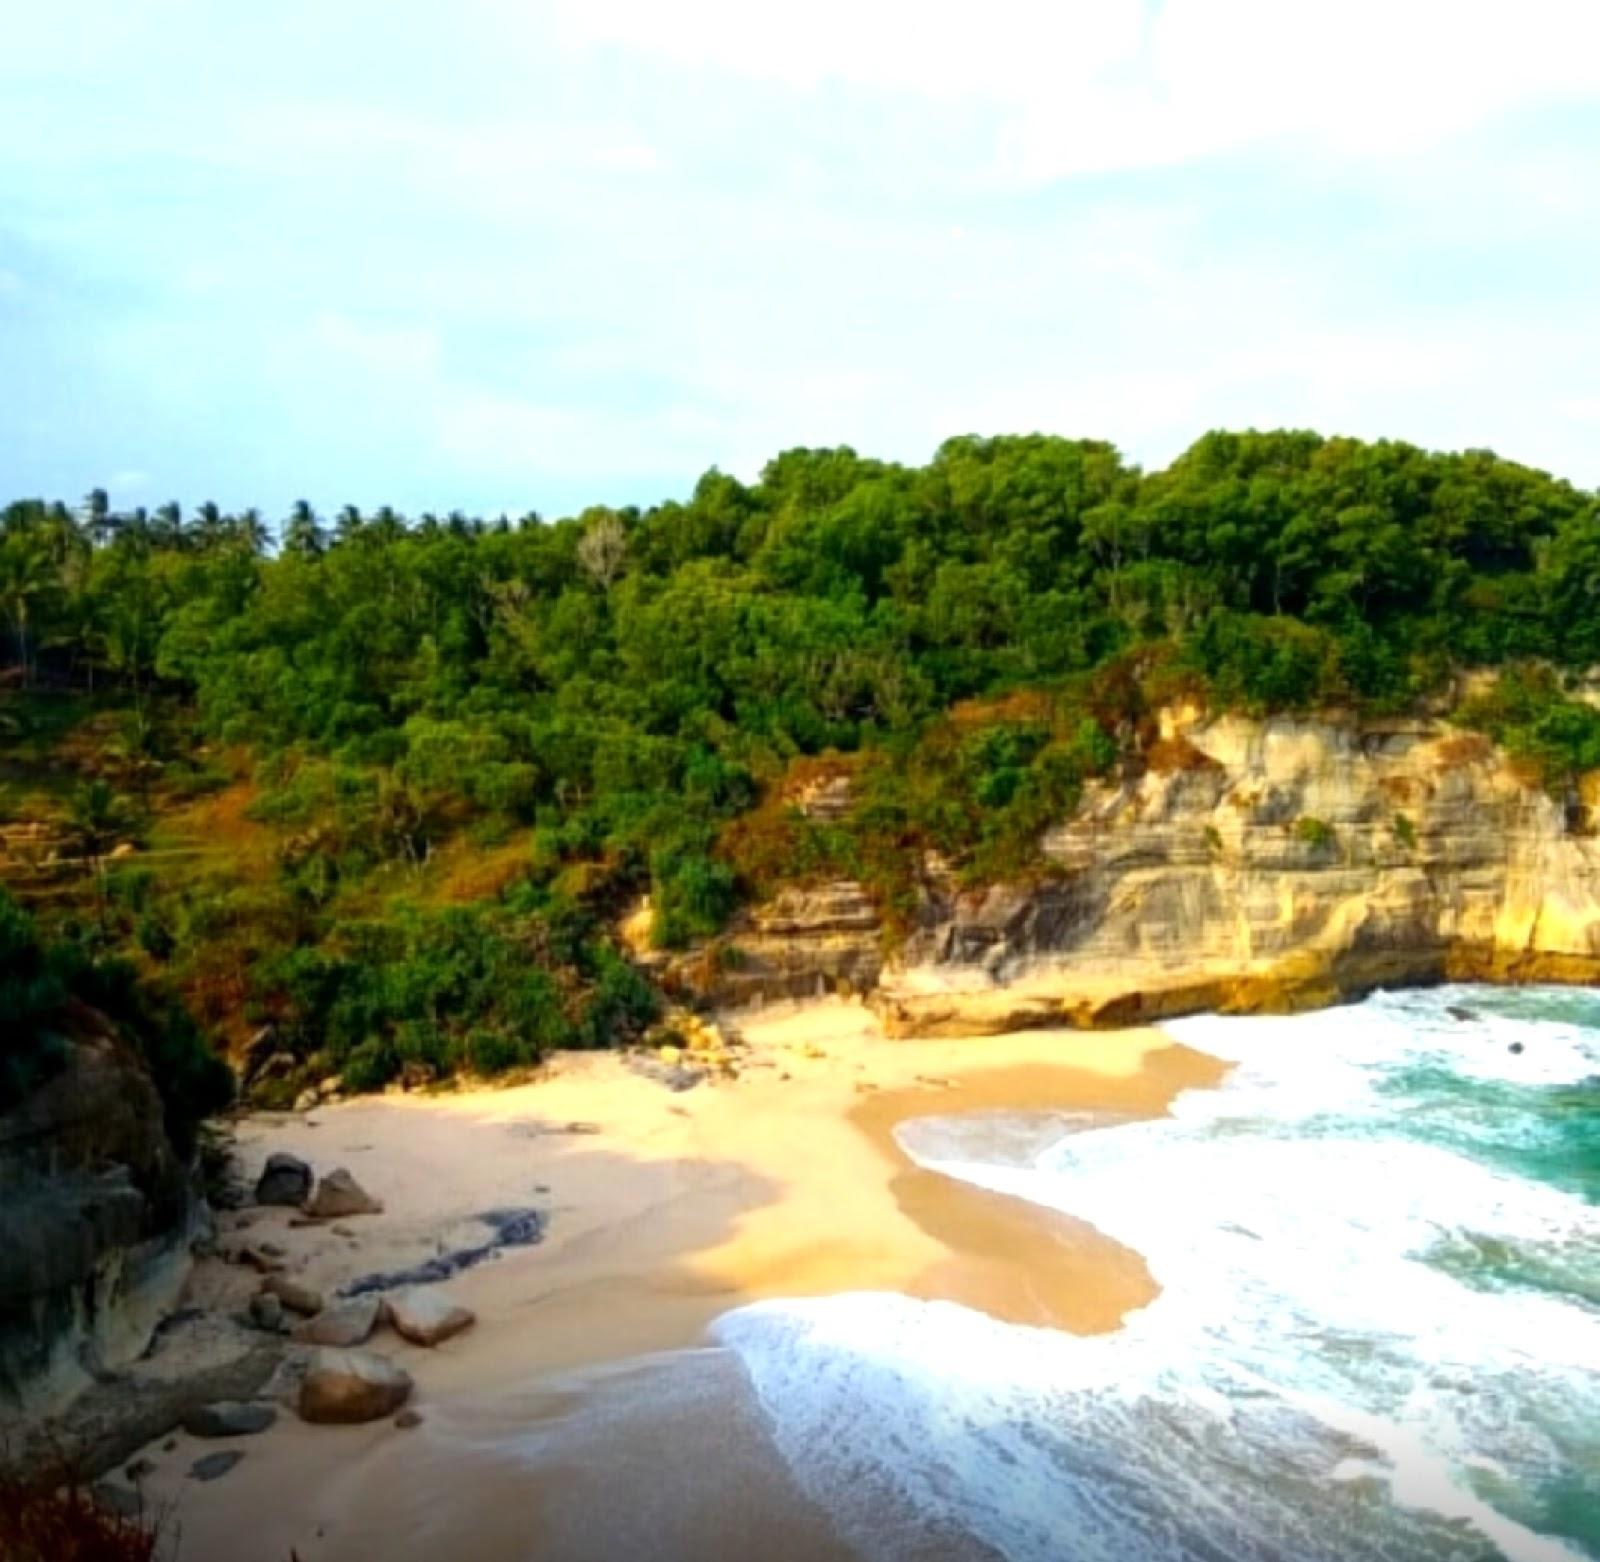 11 Gambar Pantai Seruni Pacitan Jawa Timur, Rute+Lokasi dan Harga Tiket Masuk